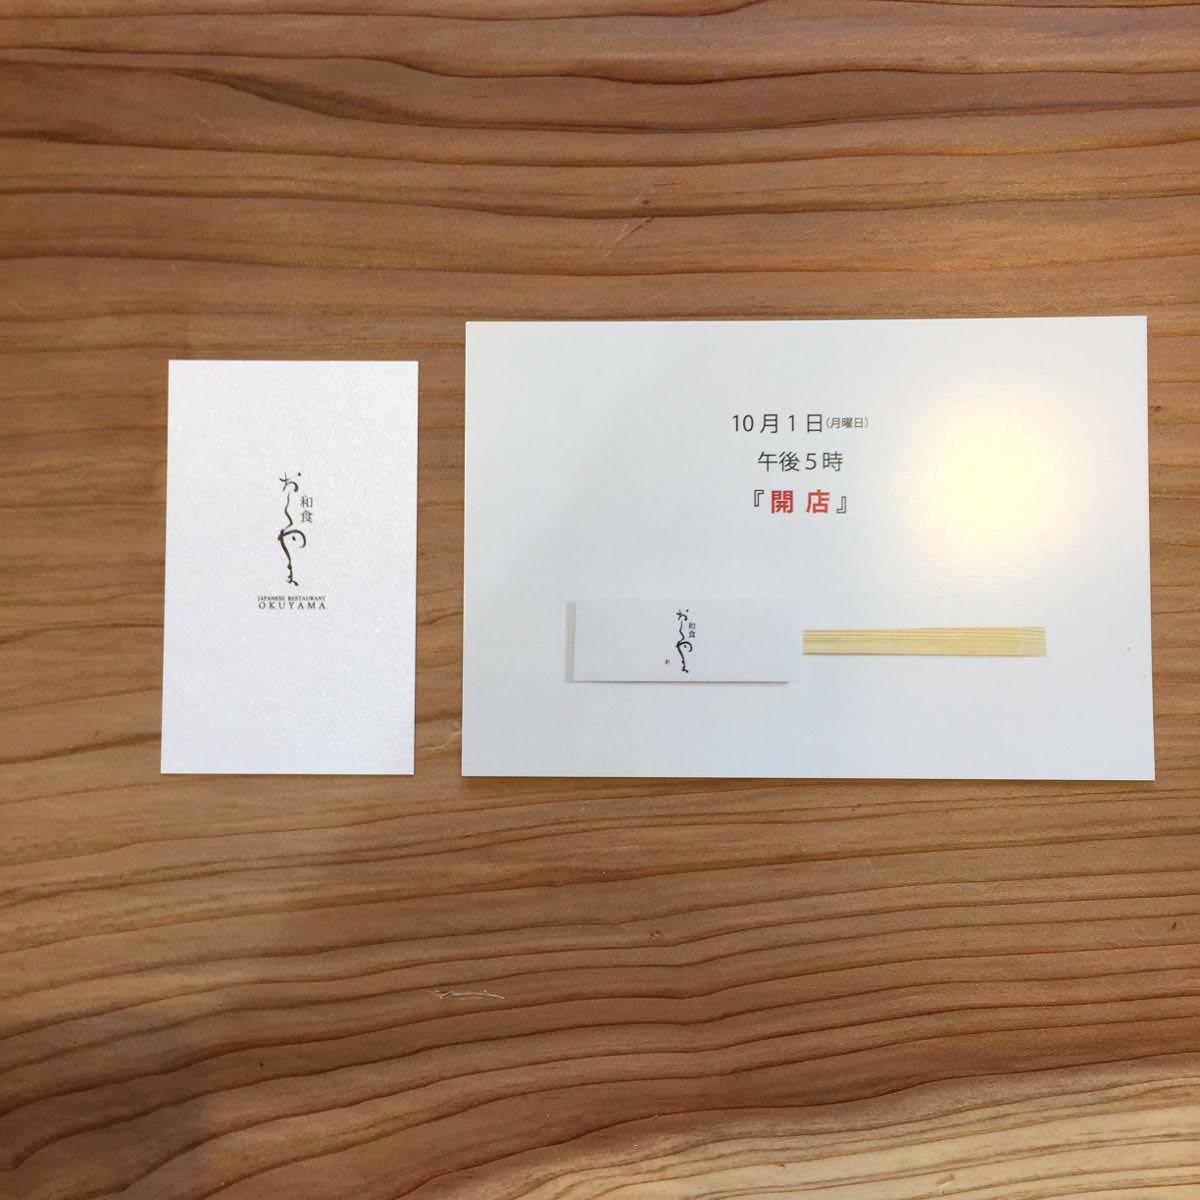 和食おくやま様10月1日オープン